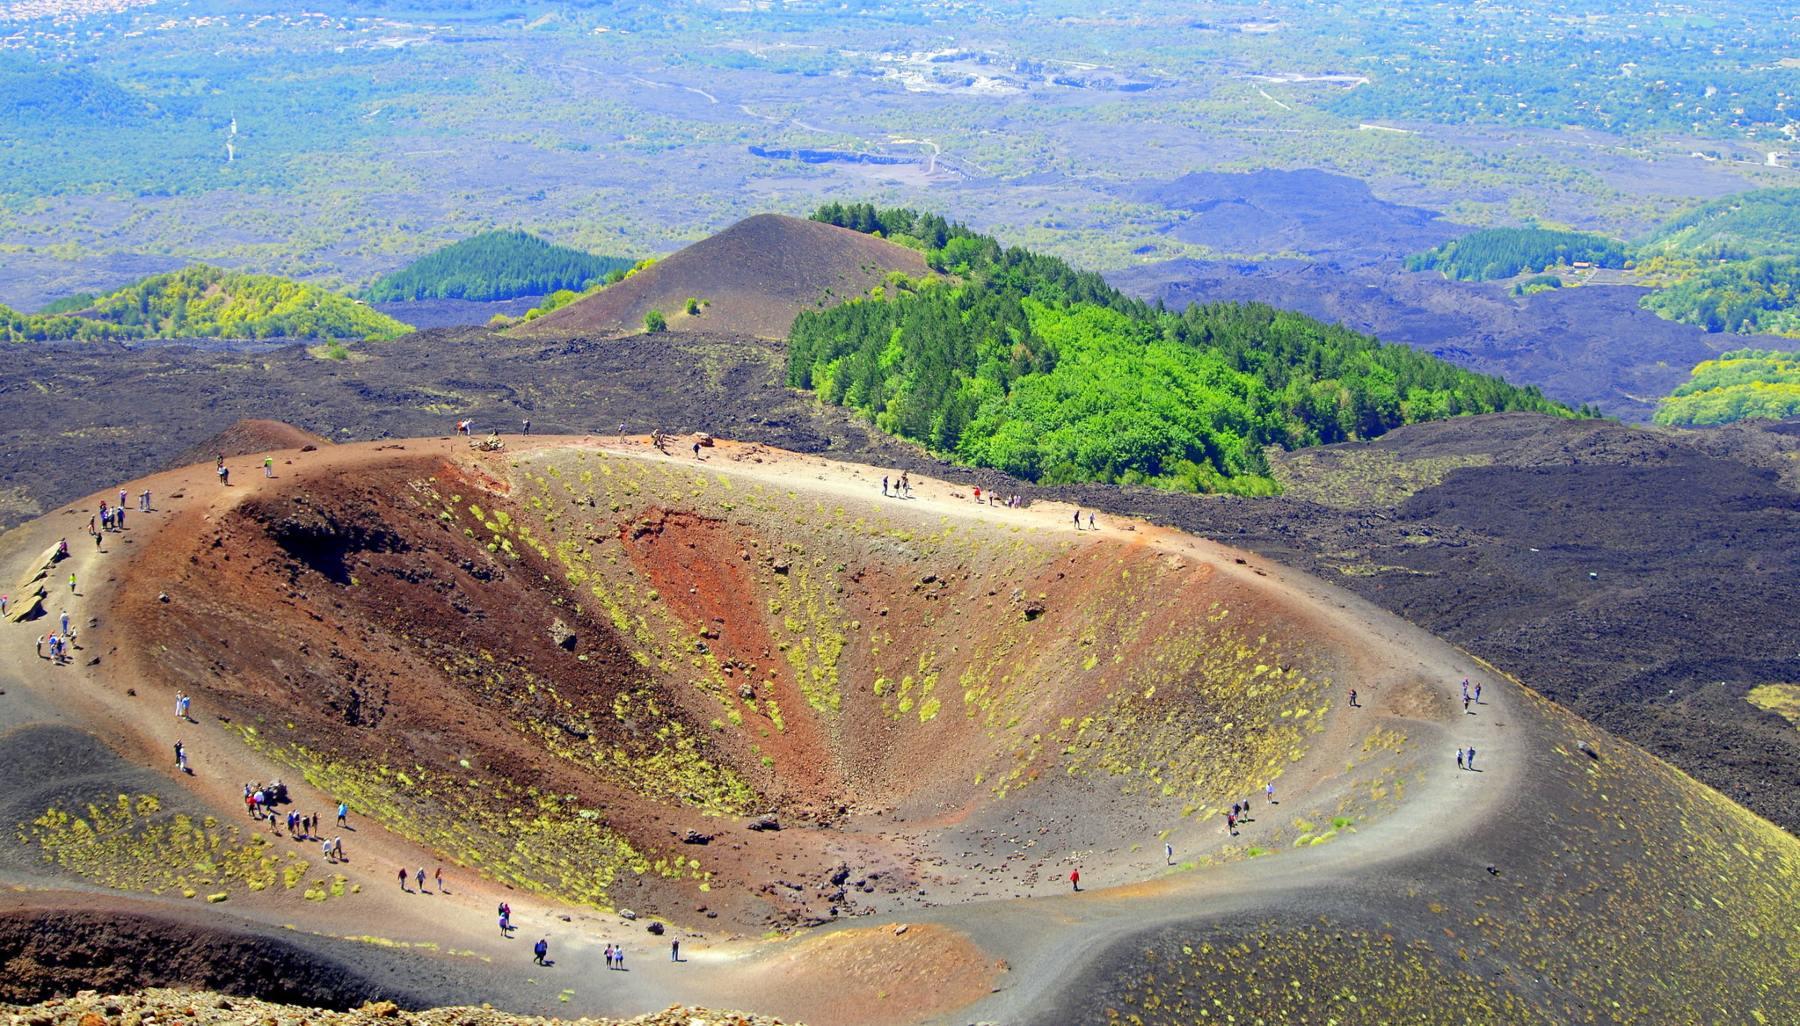 Los cráteres son redondos